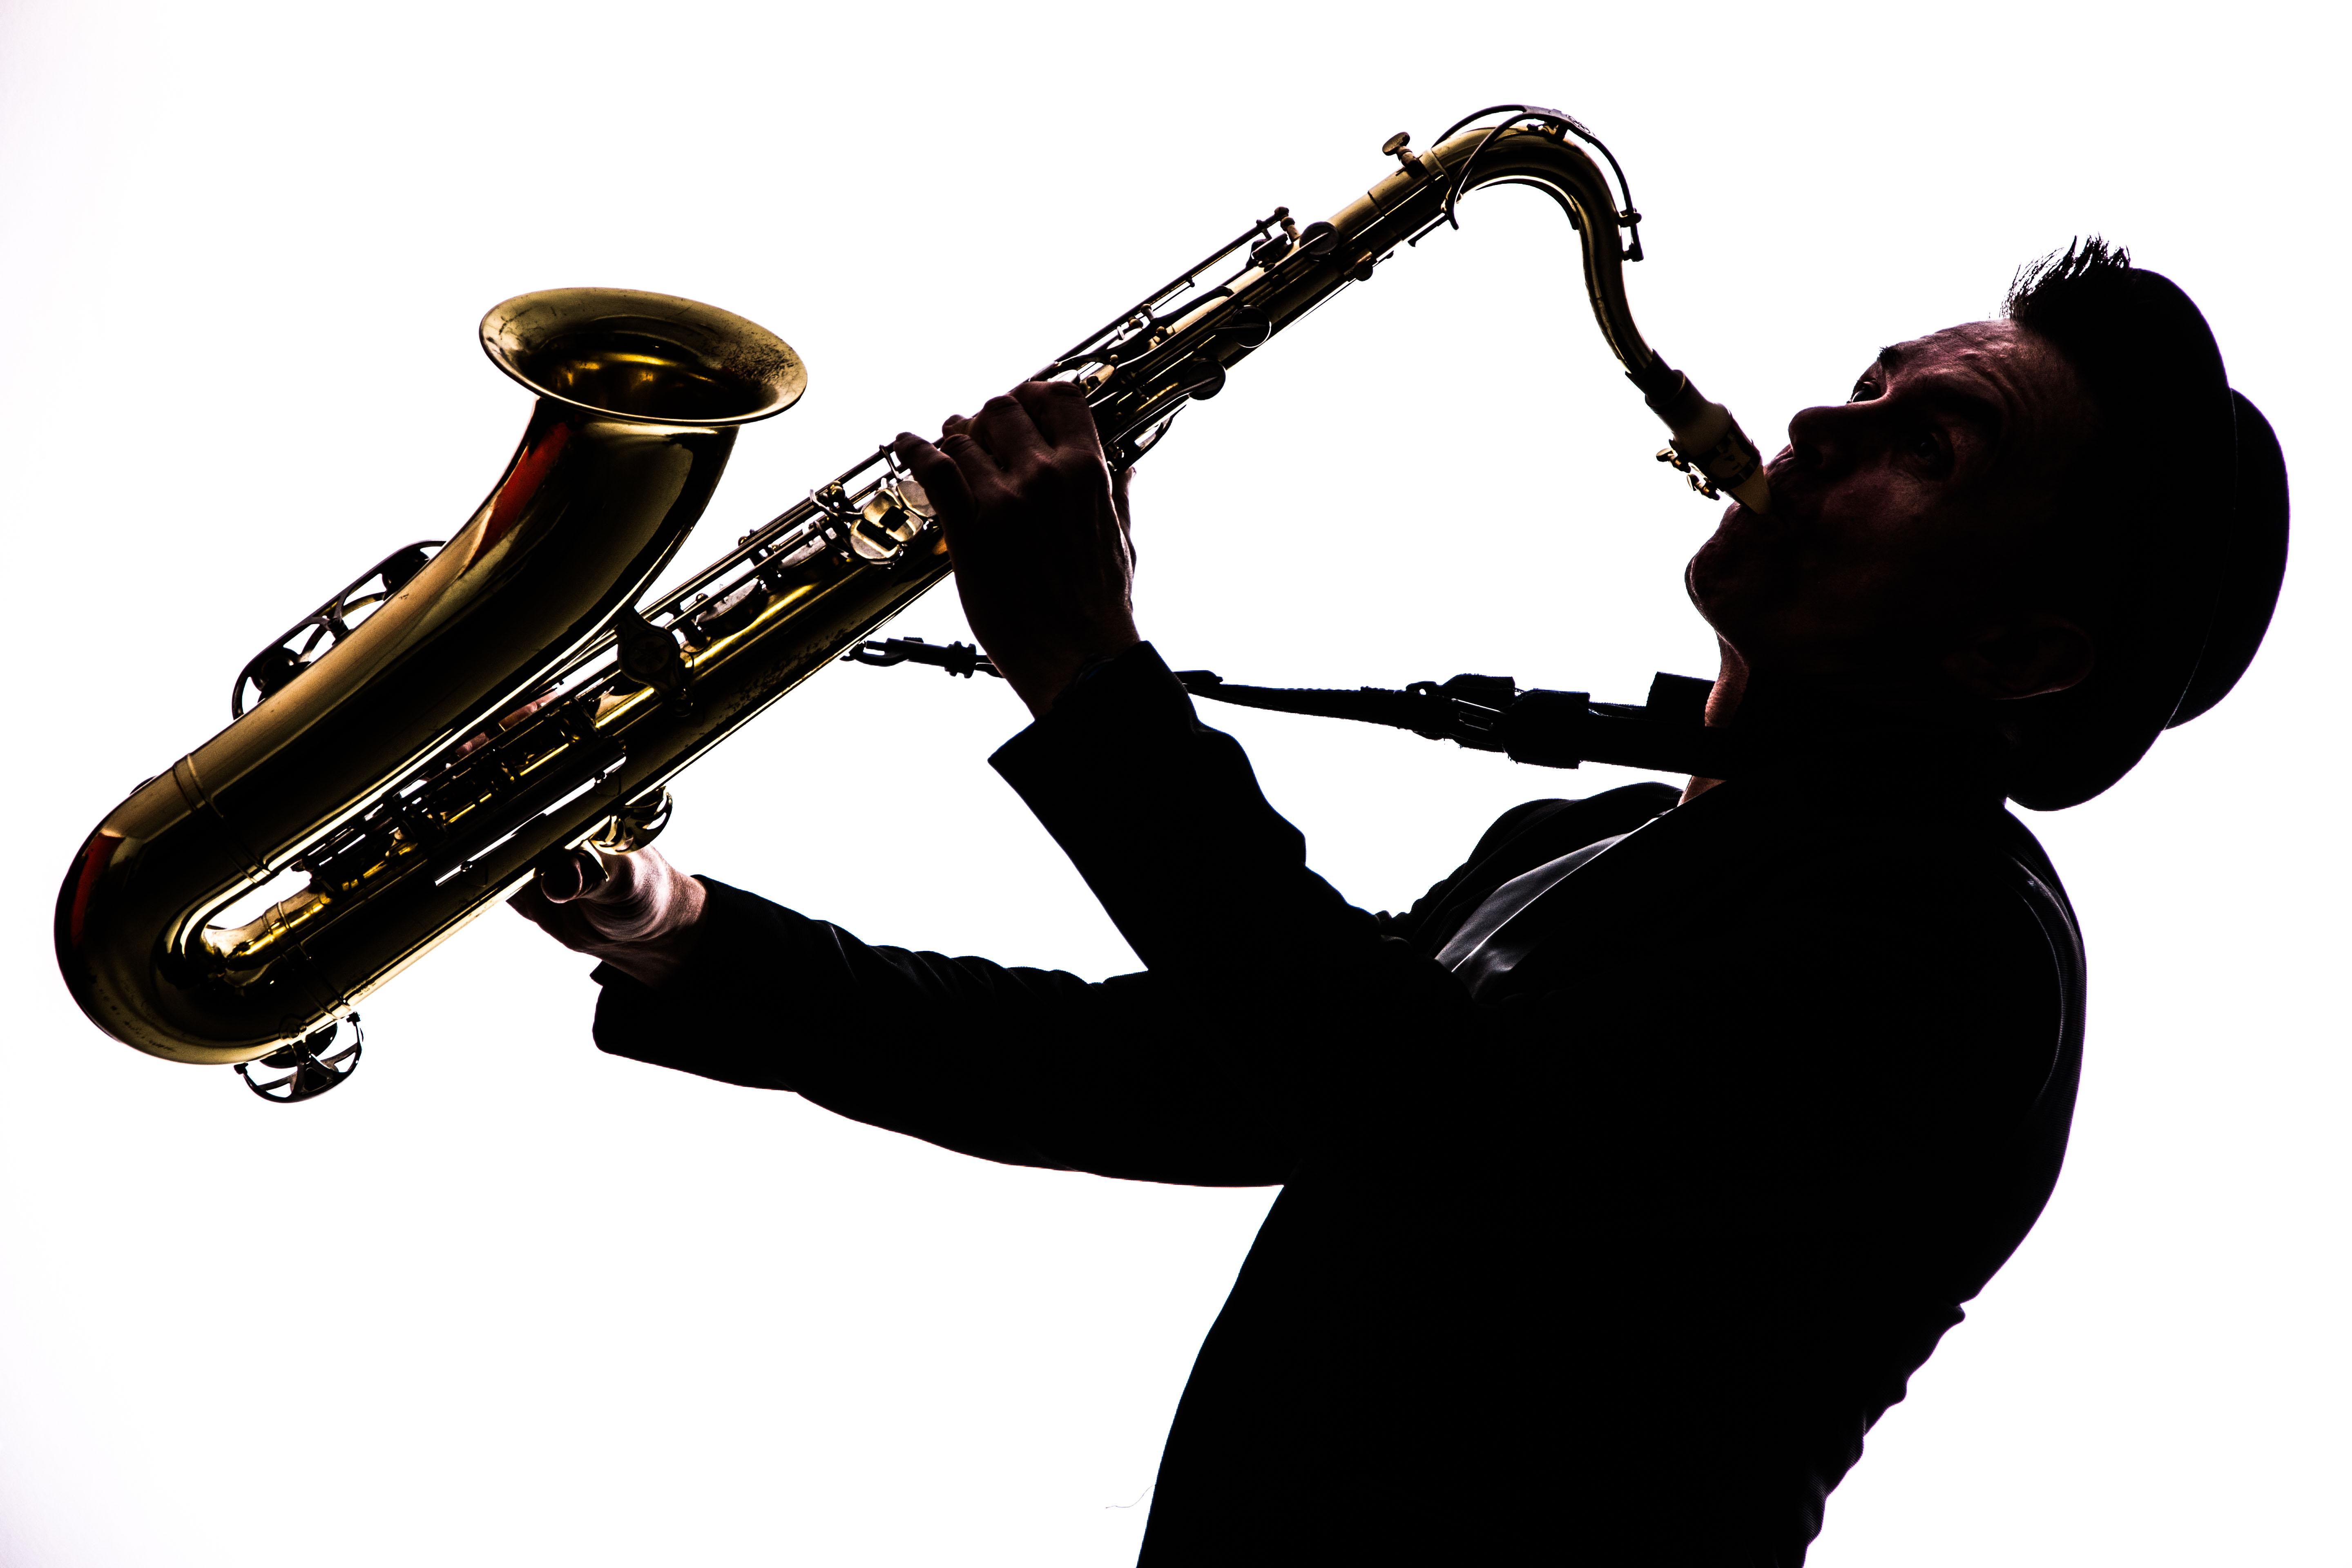 Фото саксофонистки с гитаристом, голые мамки скрытой камерой